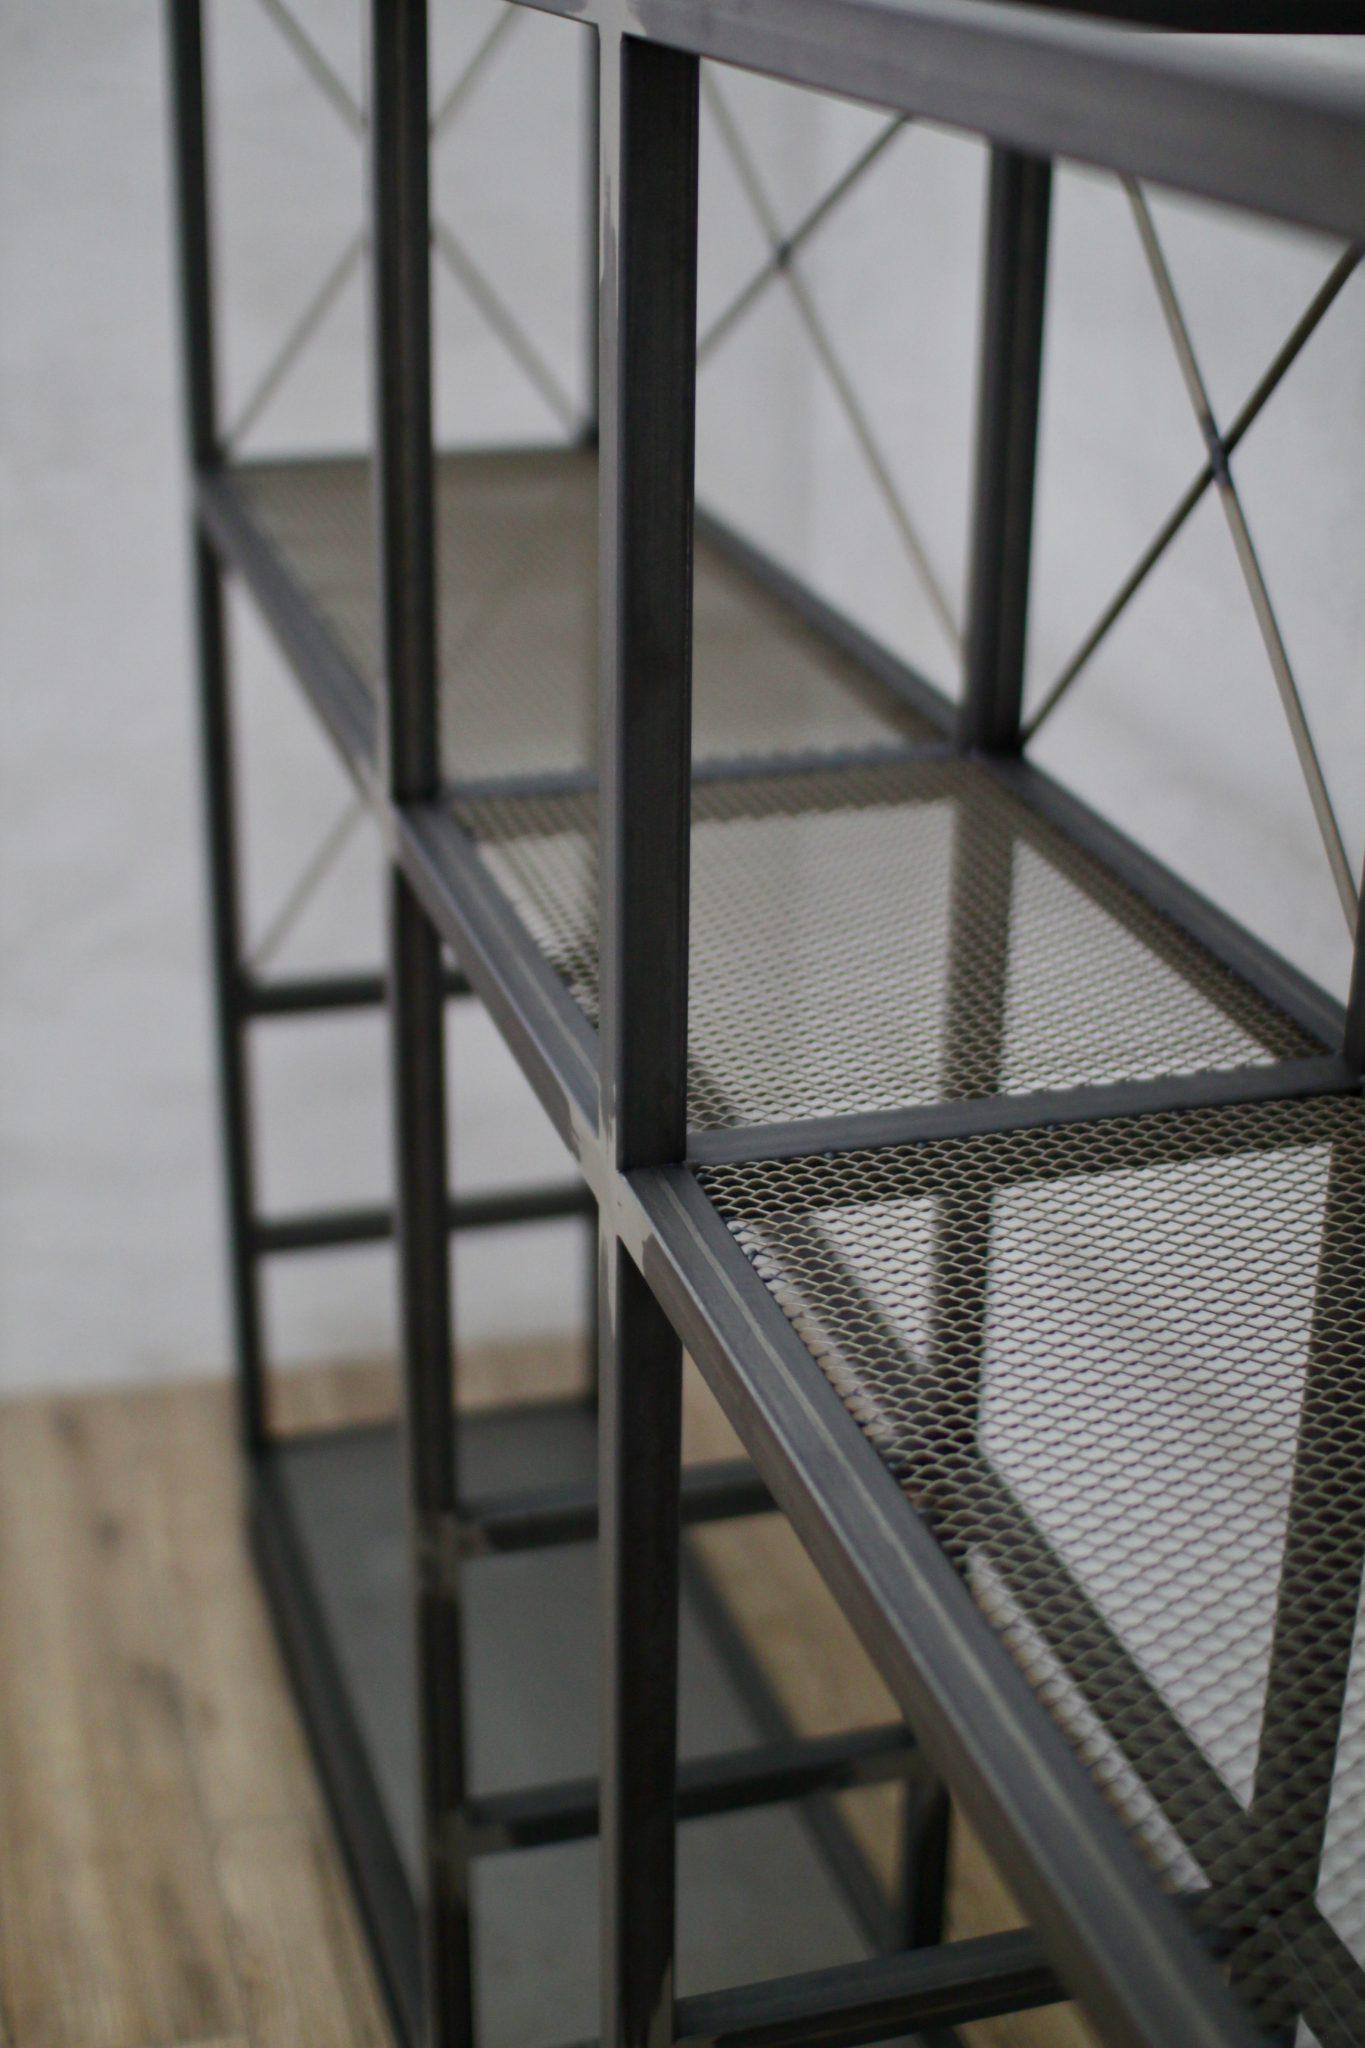 konstrukcje spawane na zamówienie, meble loftowe, meble metalowe, meble industrialne, loft,